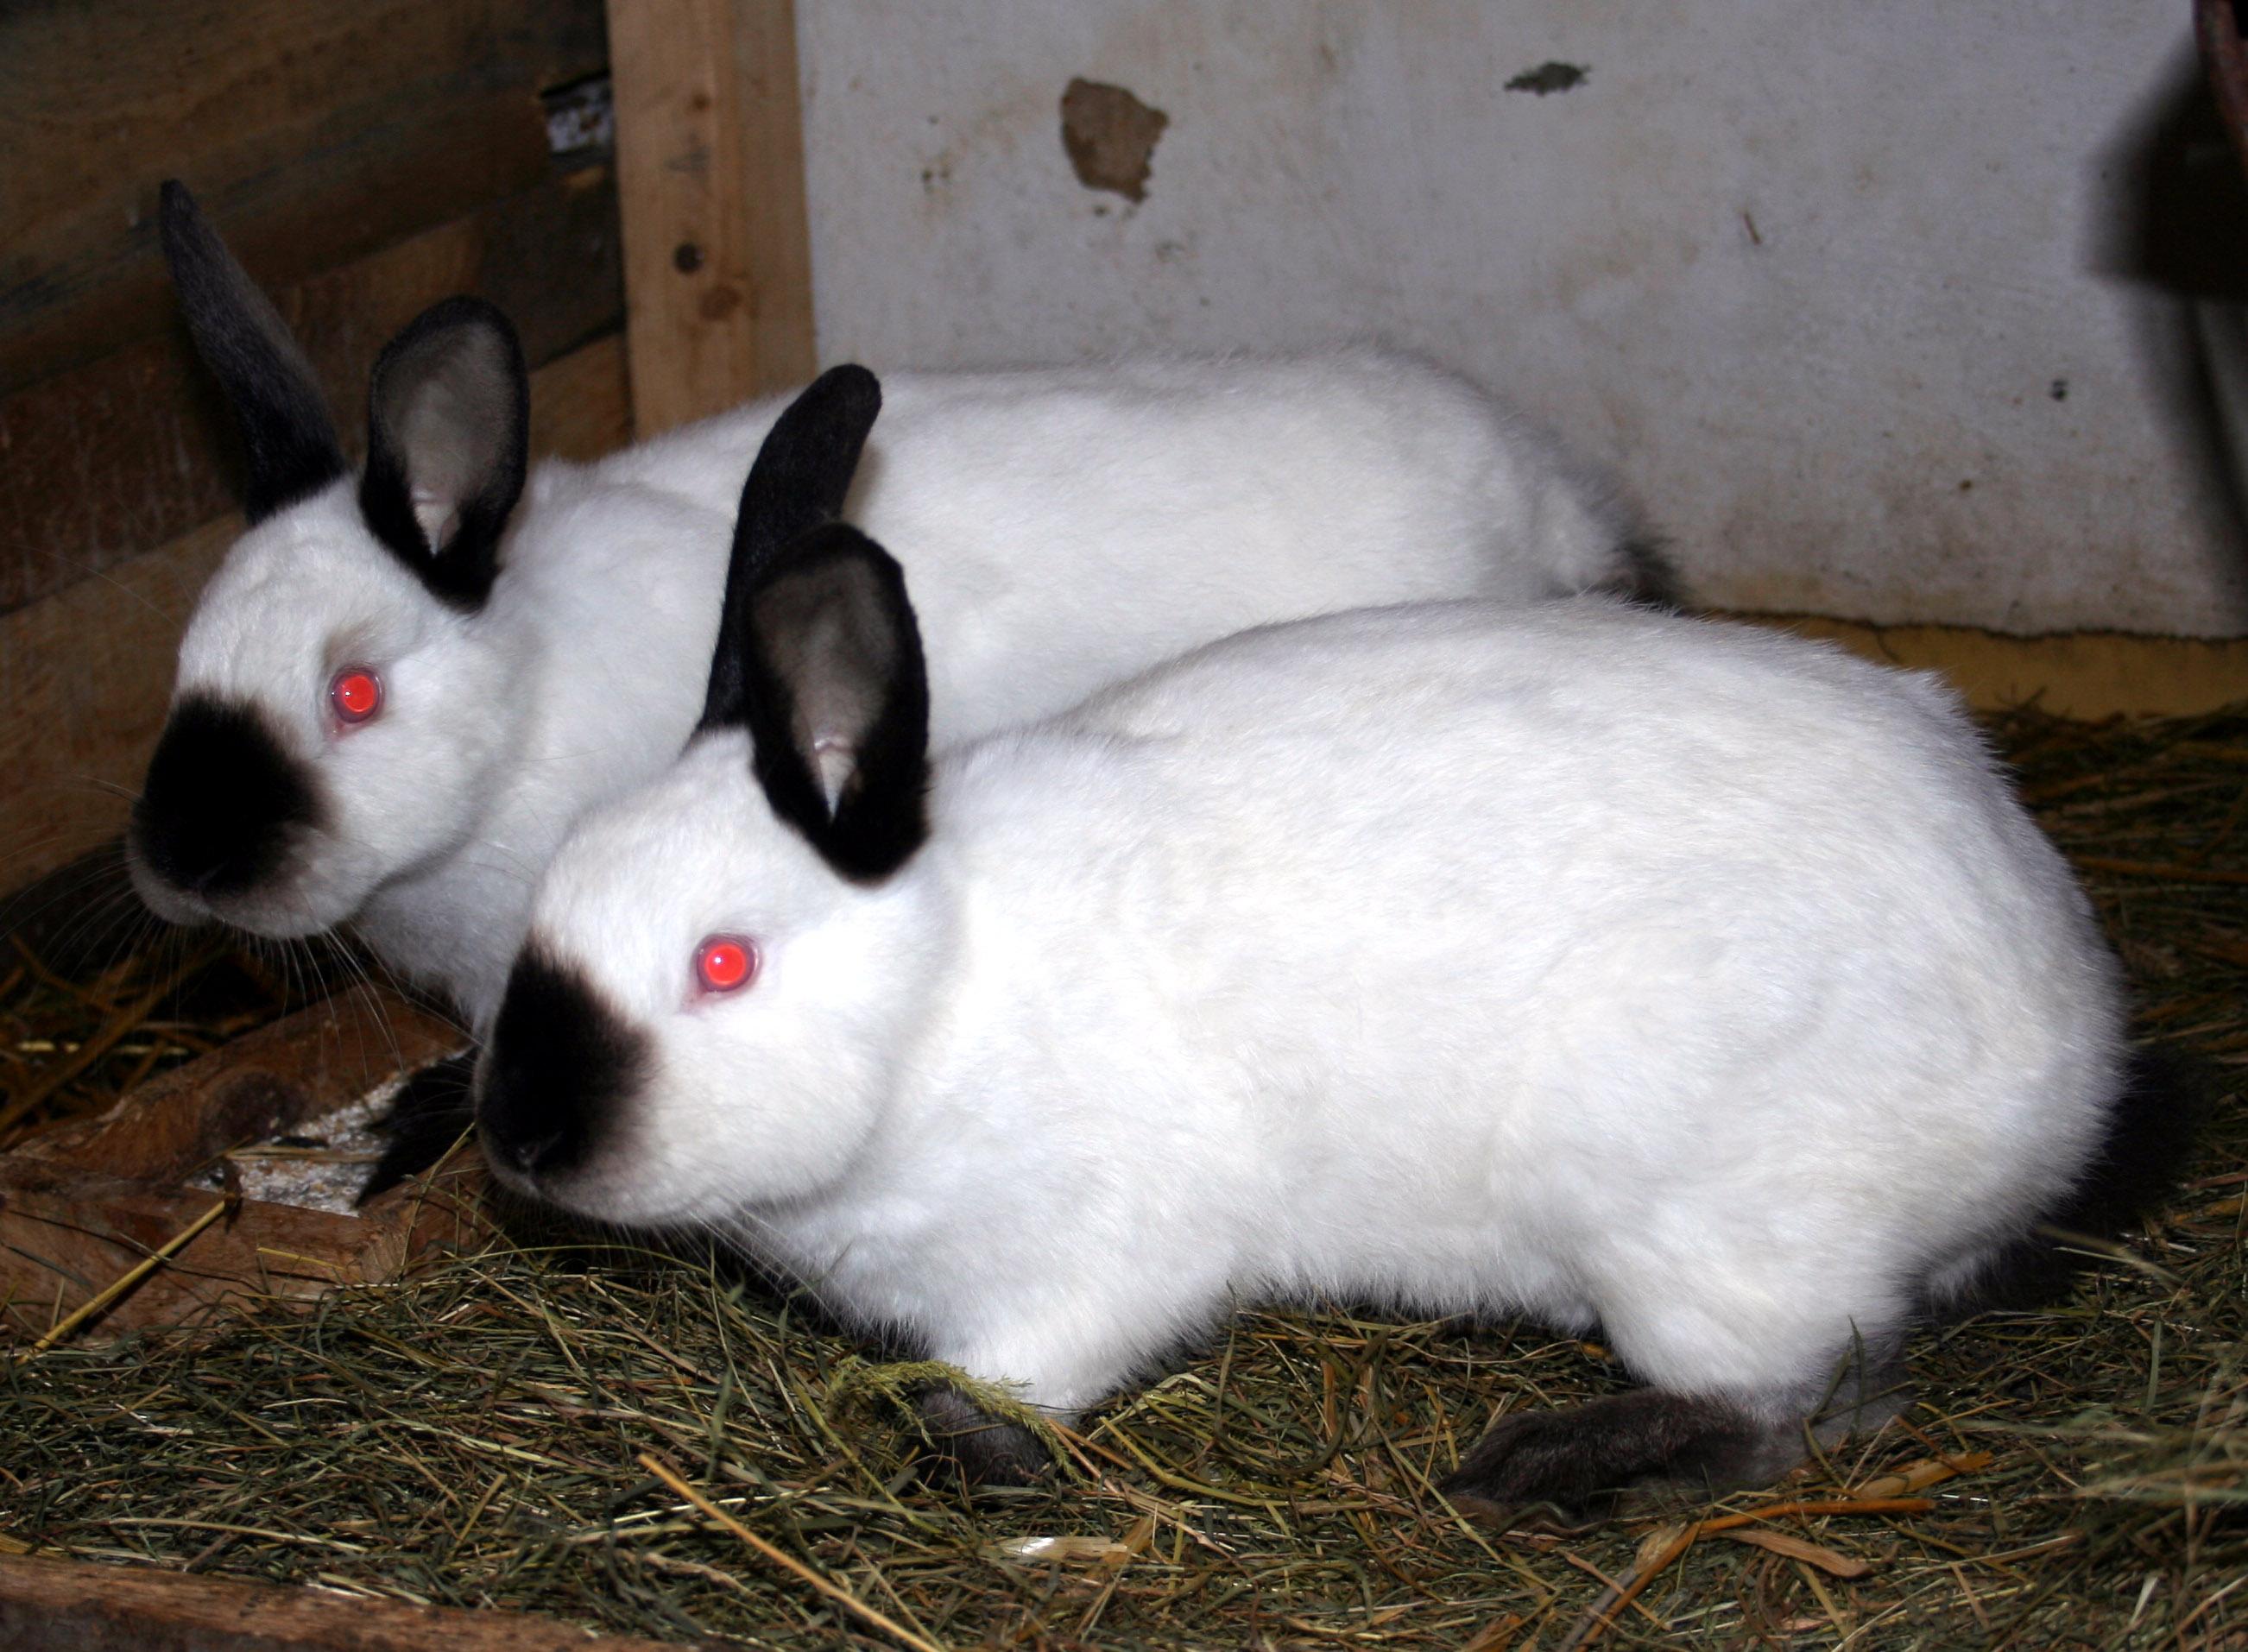 GY. I. K. :: Royal Bunny törpenyúl mini nyuszi